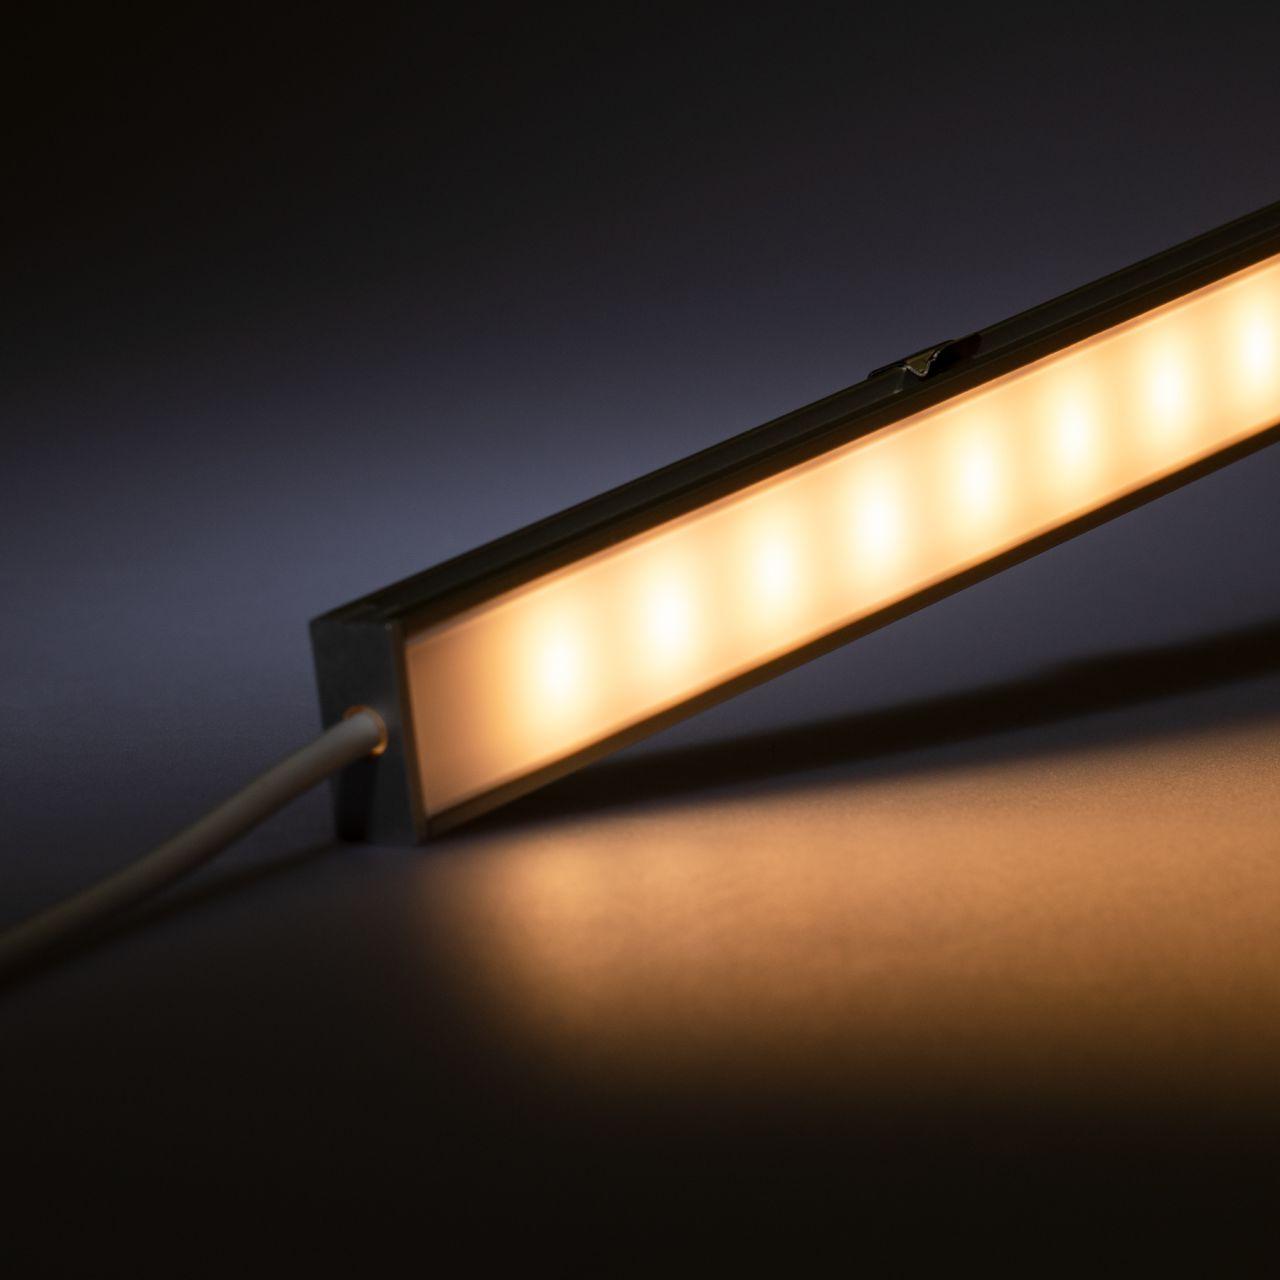 12V Aluminium LED Leiste mit wasserfester Abdeckung– warmweiß – diffuse Abdeckung - IP65